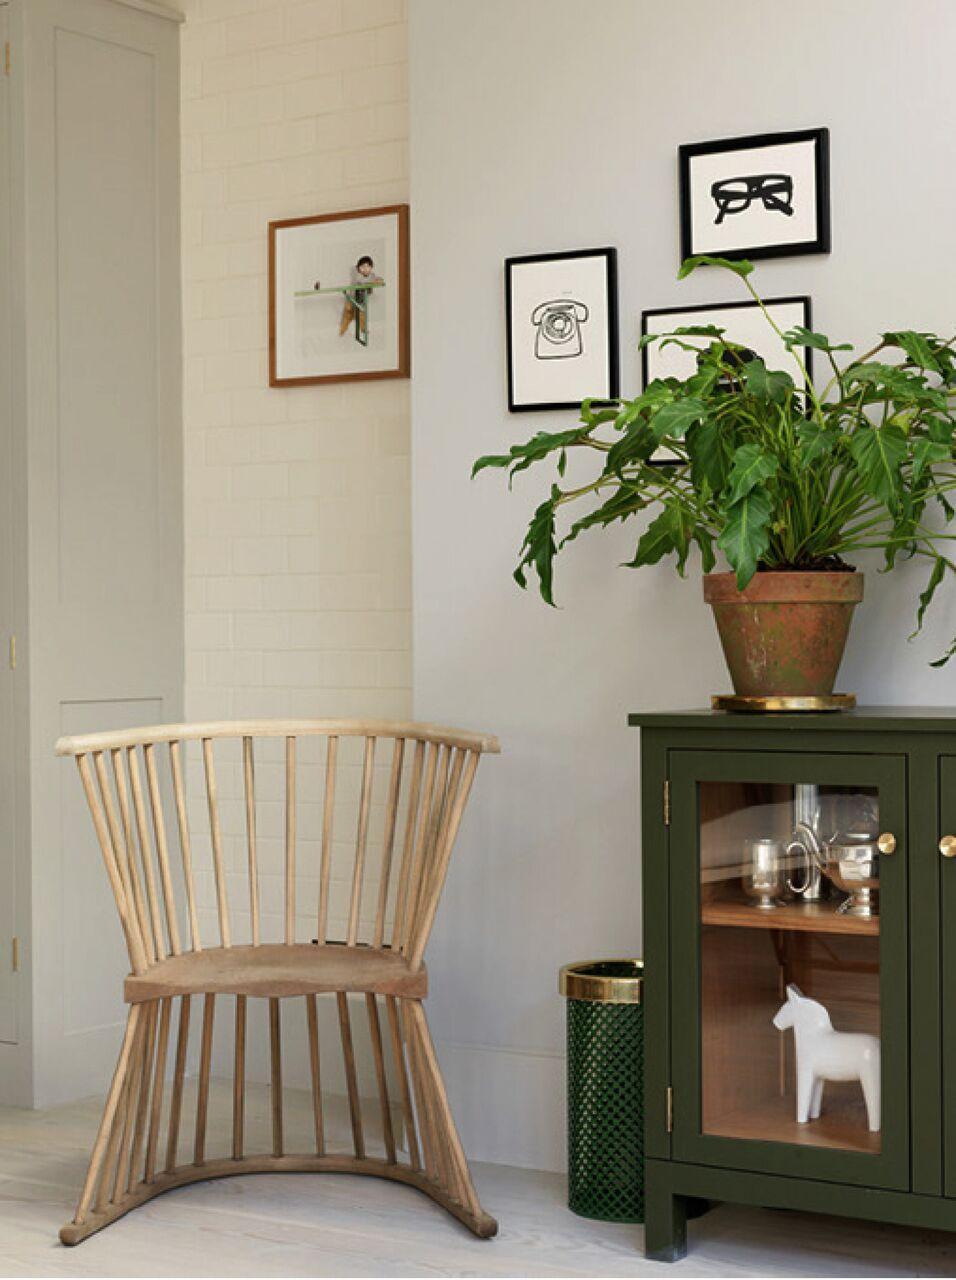 die besten 25 au enbereichprodukte ideen auf pinterest spanischer stil h user im spanischen. Black Bedroom Furniture Sets. Home Design Ideas